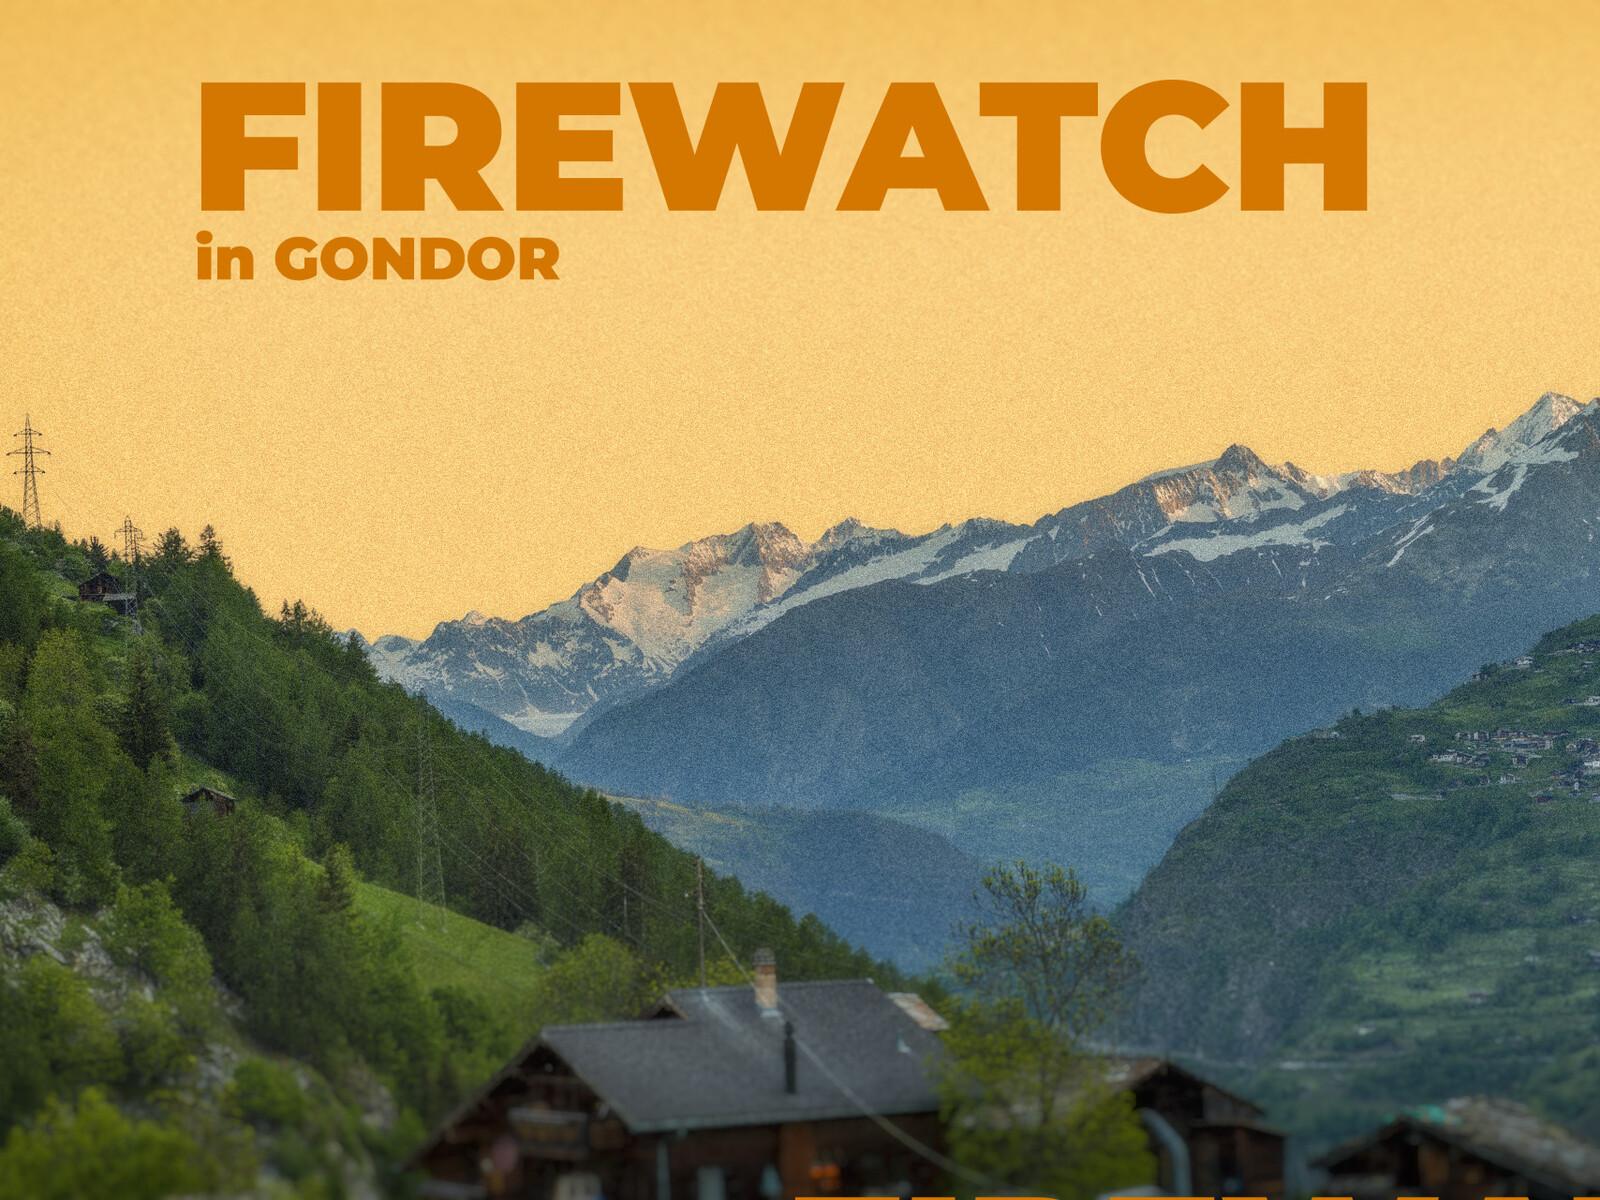 FIREWATCH in GONDOR